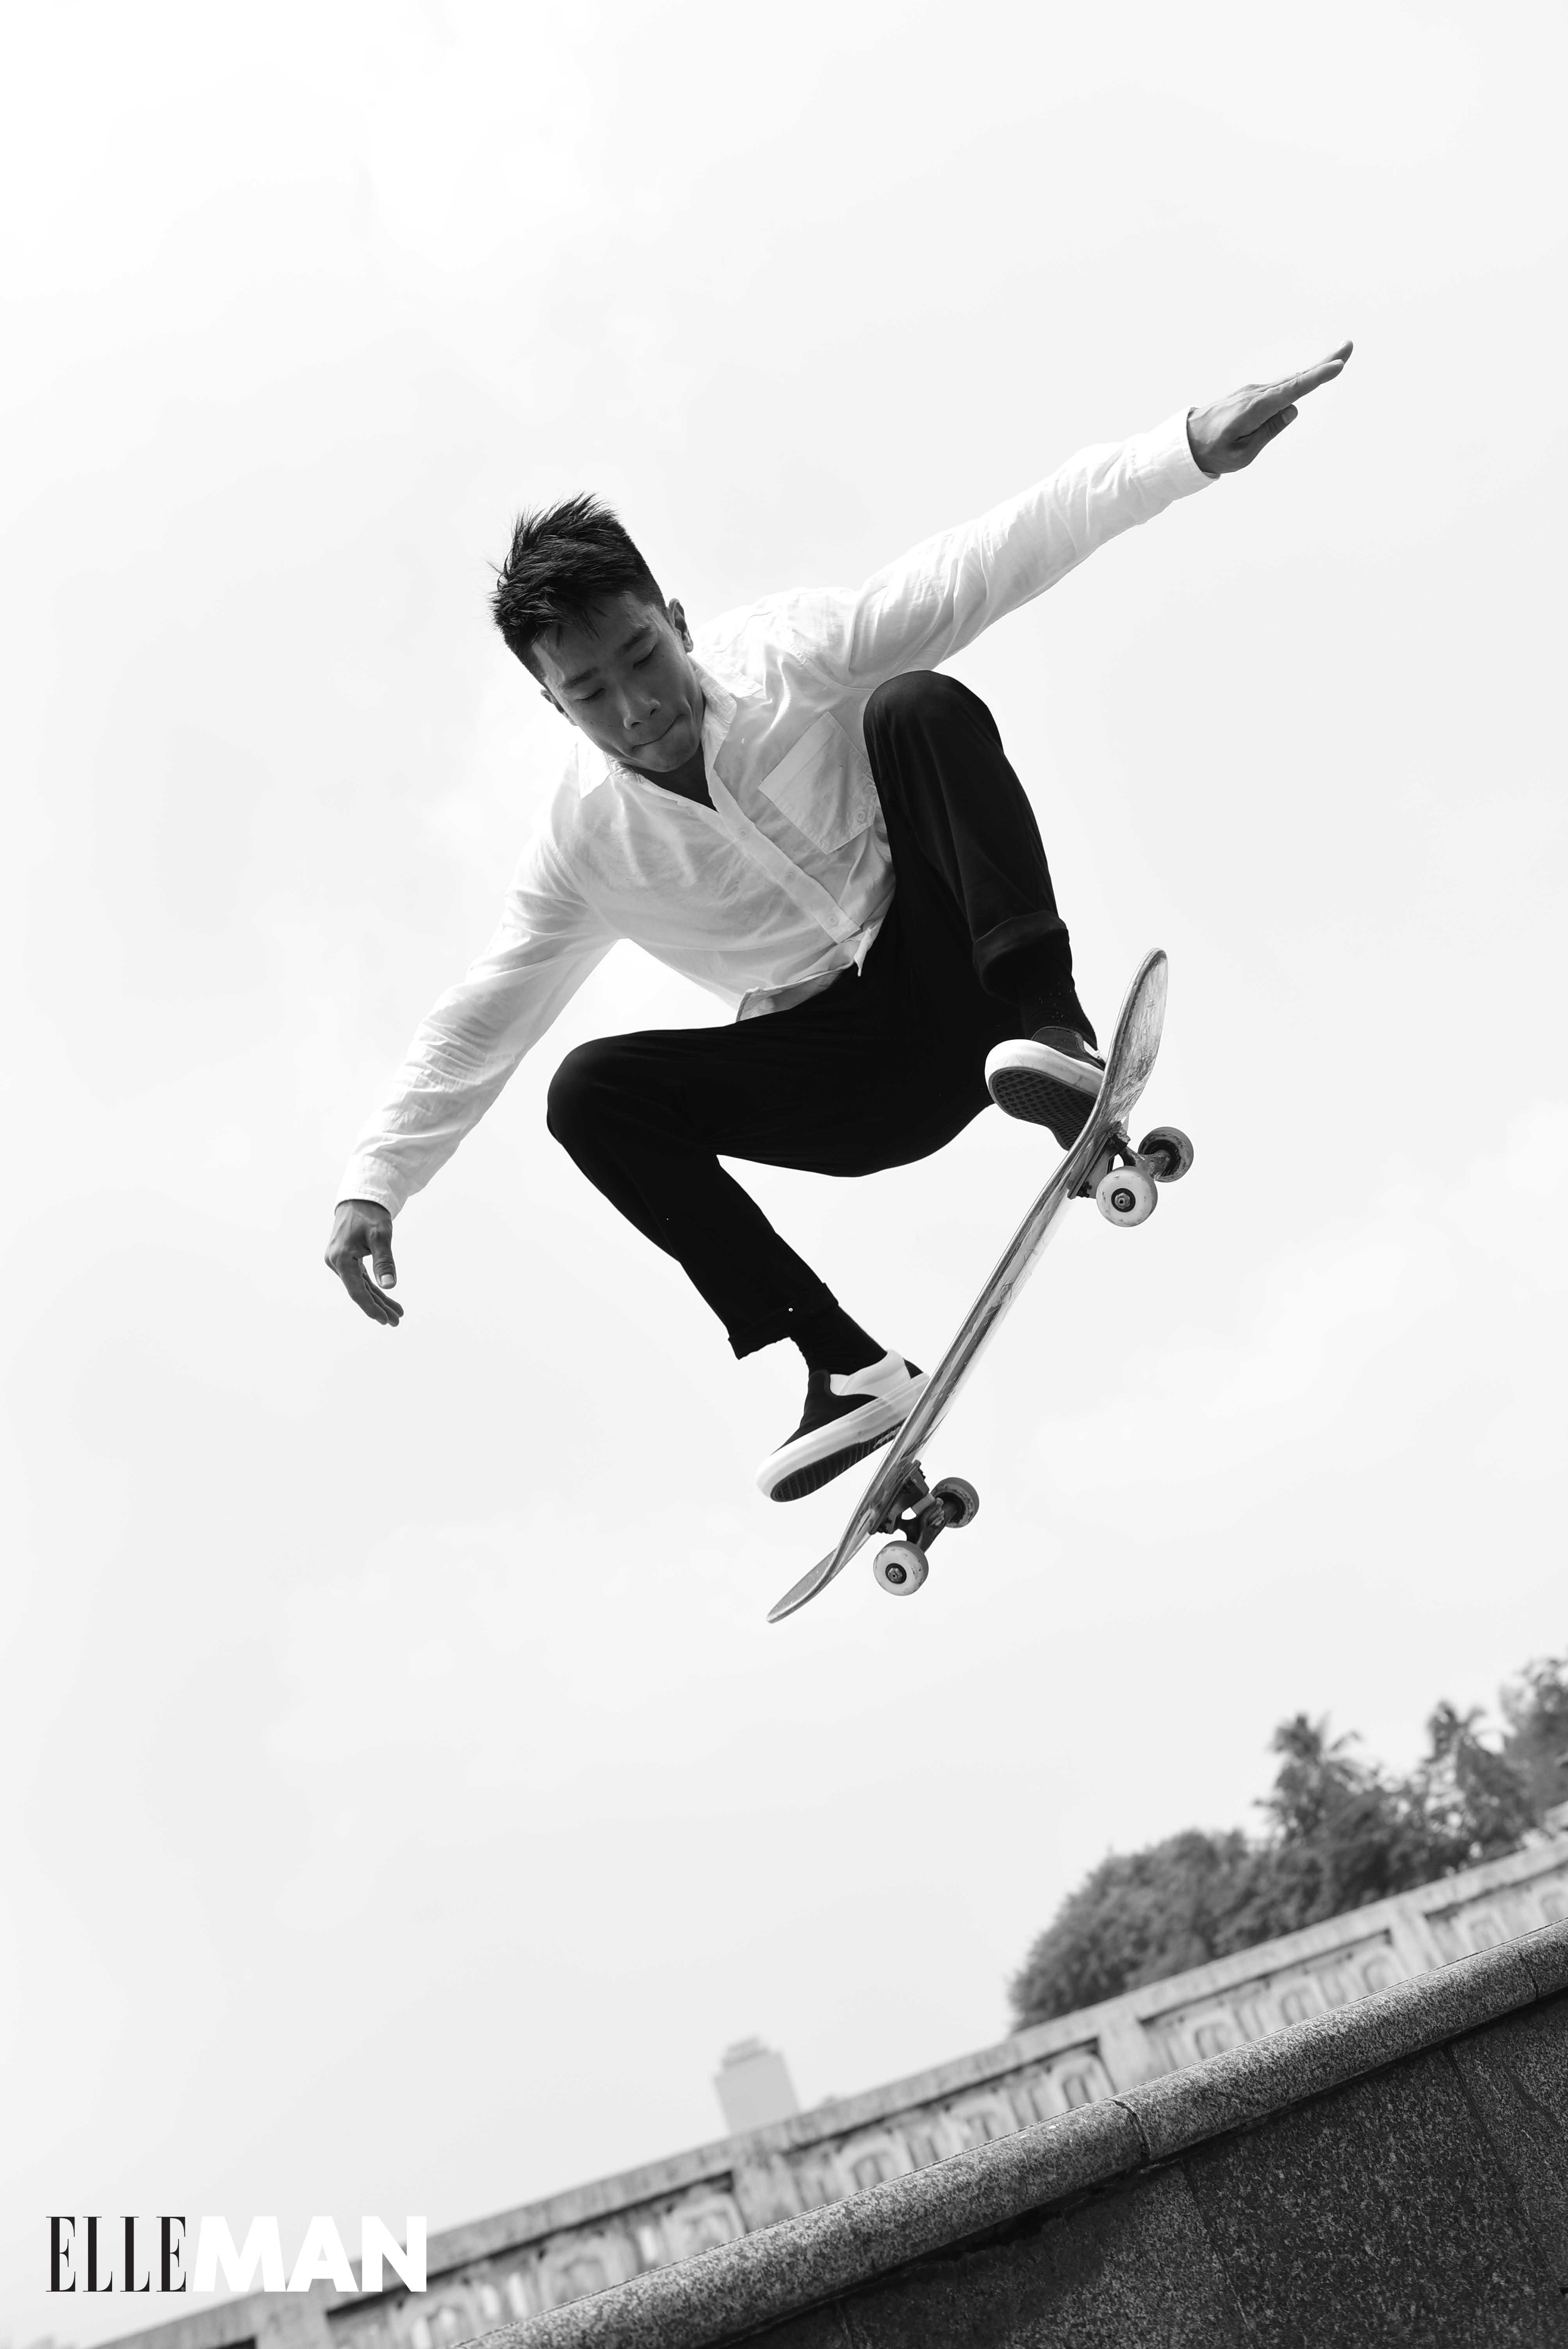 do ngoc linh skater - elle man3